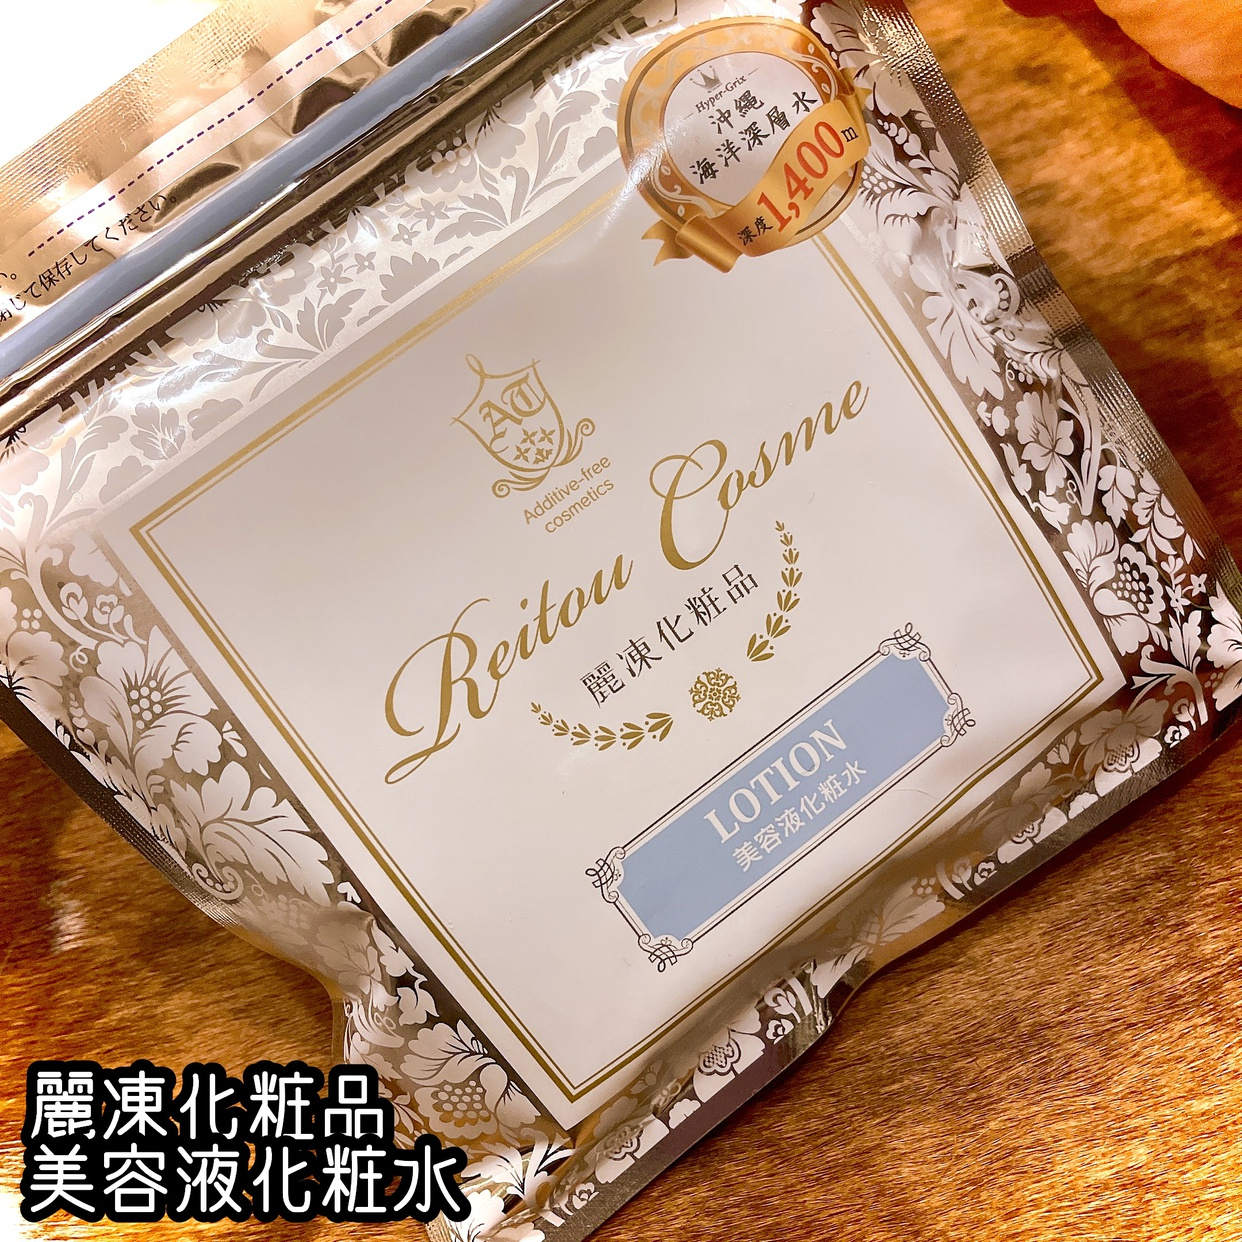 麗凍化粧品(Reitou Cosme) 美容液 化粧水を使ったchamaru222さんのクチコミ画像1